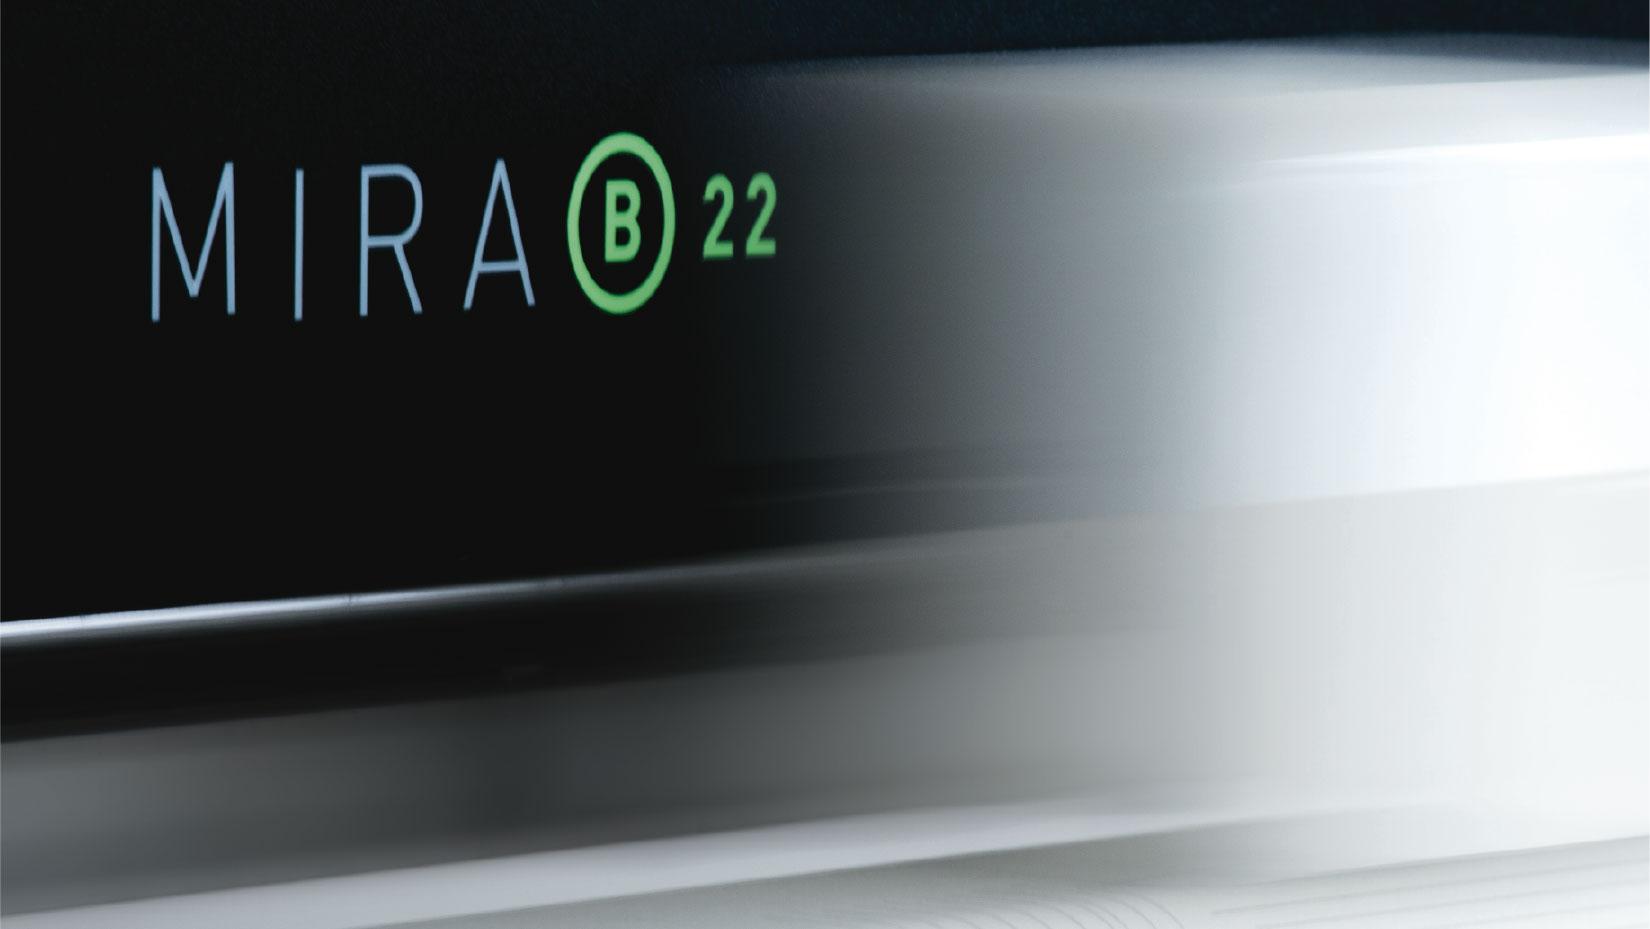 MIRA Basic является частью новой модернизированной продуктовой линейки, запущенной в 2012 году